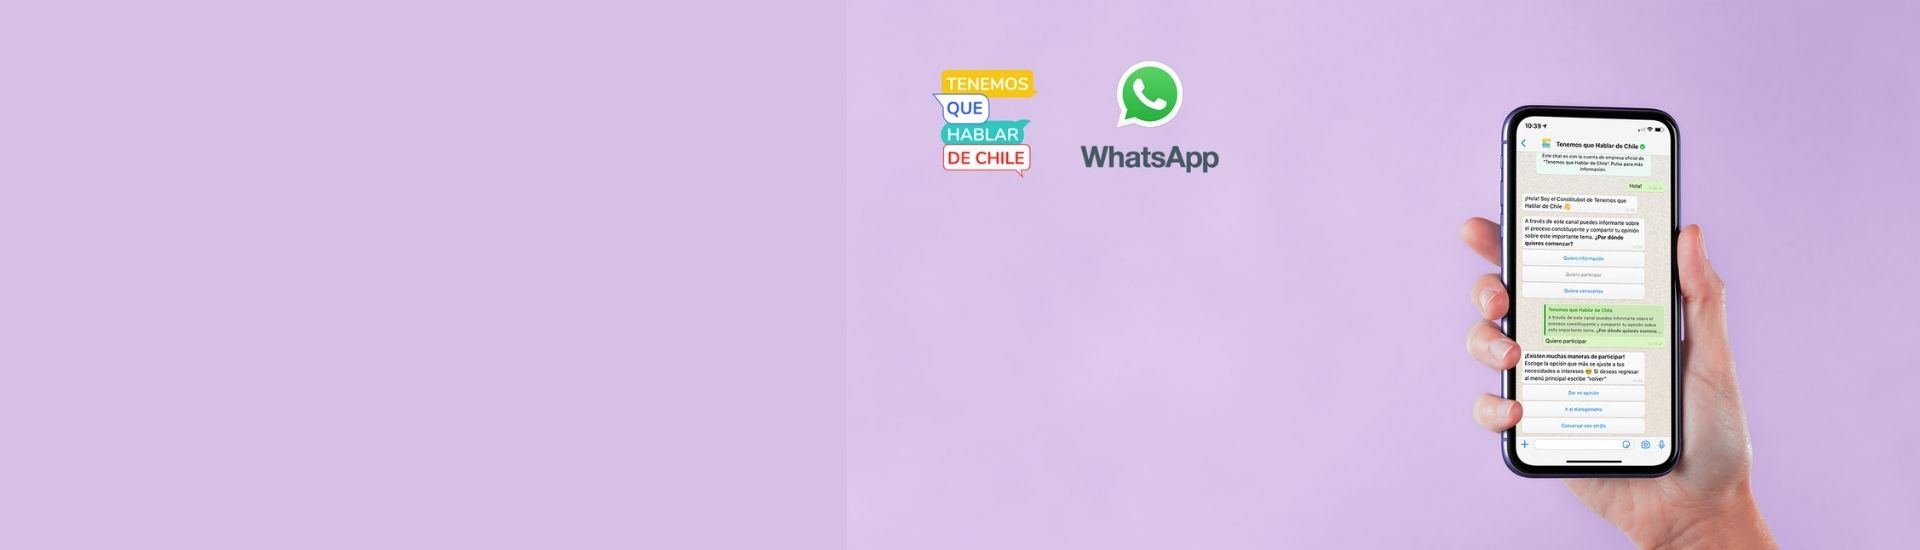 Imagen de una mano que sostiene un celular, donde se ve una conversación con el Constitubot